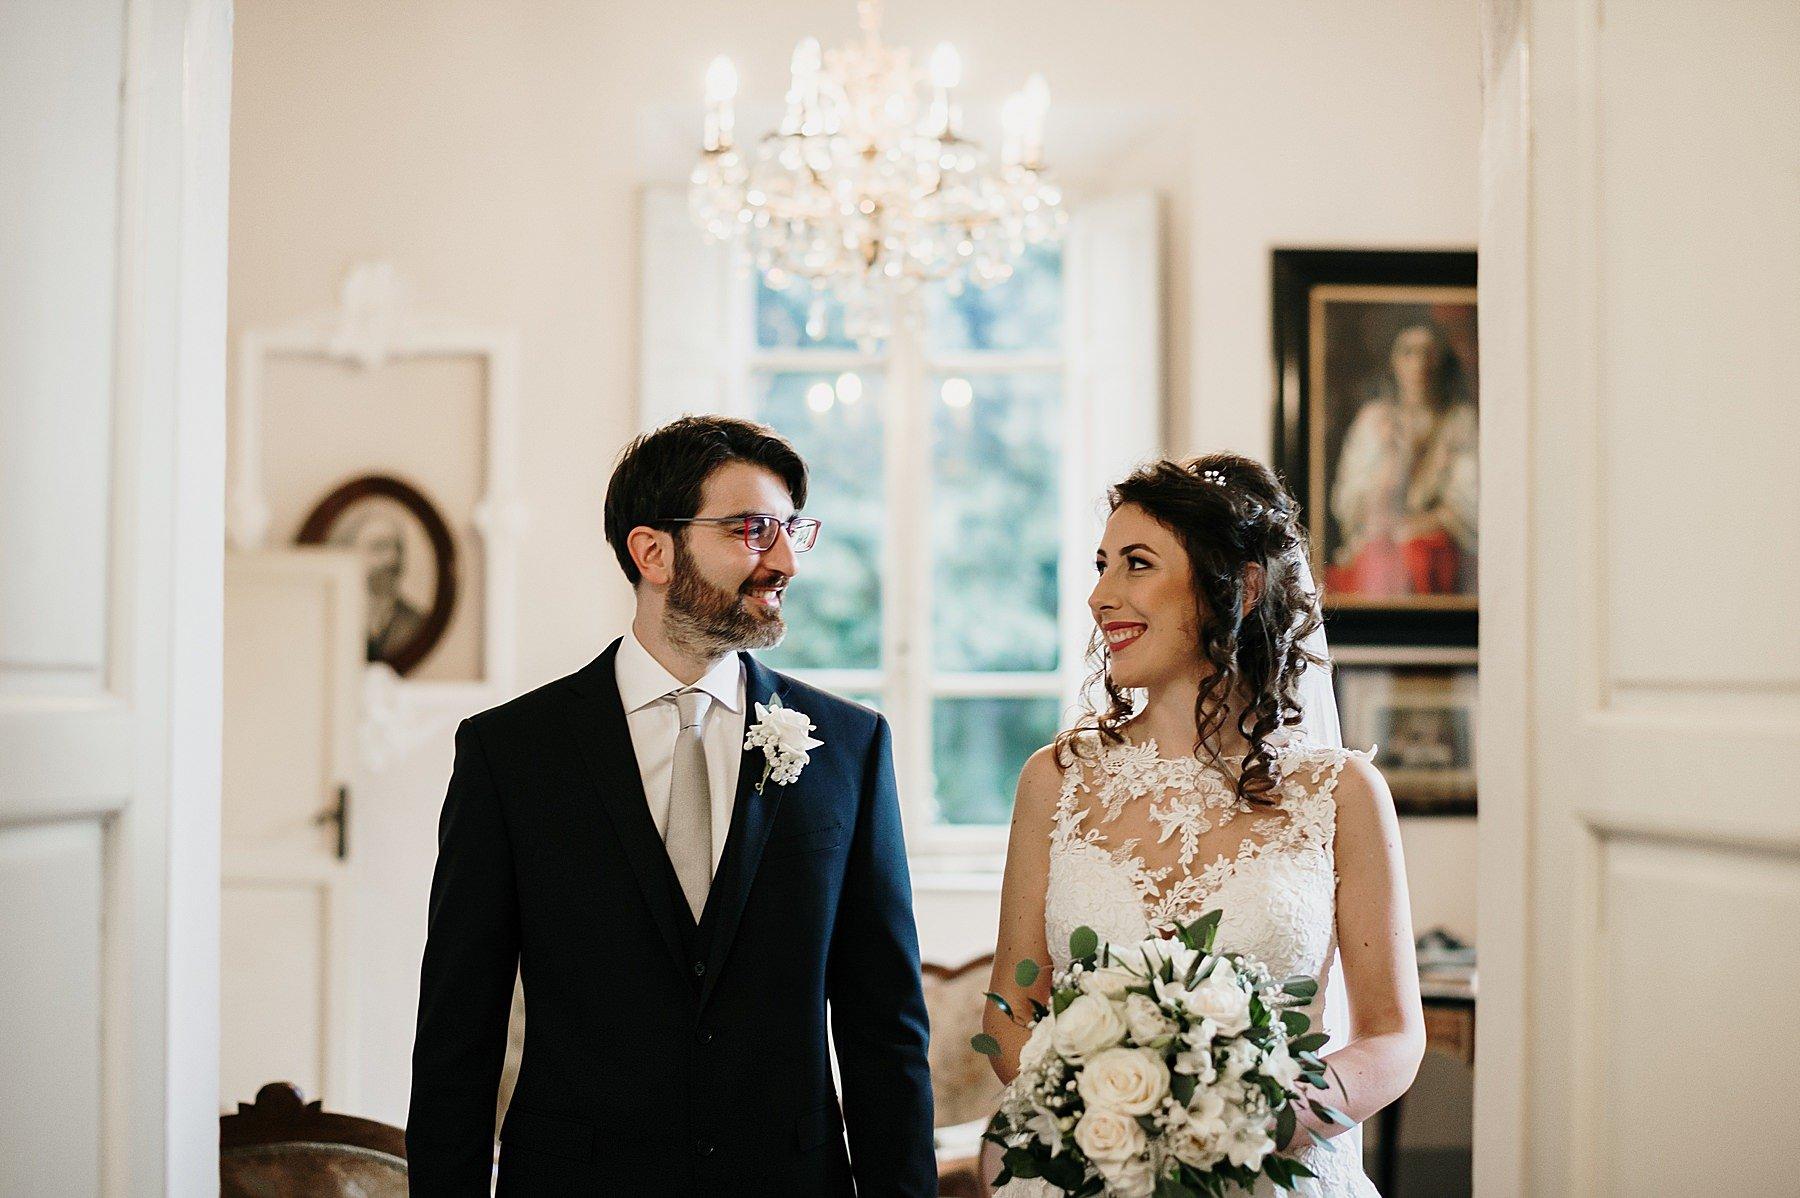 fotografia di matrimonio a firenze in inverno 740